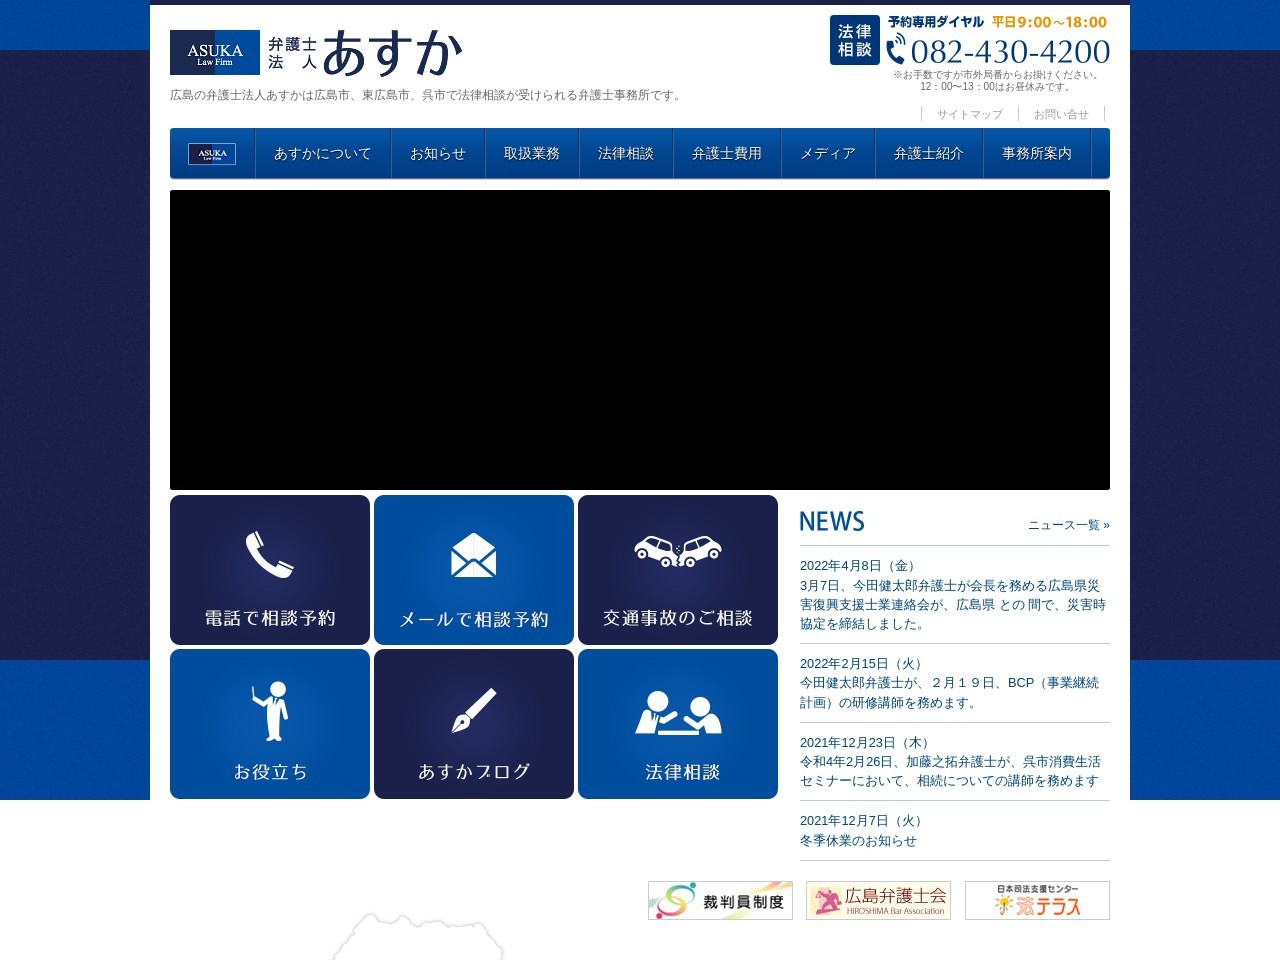 あすか(弁護士法人)/広島事務所